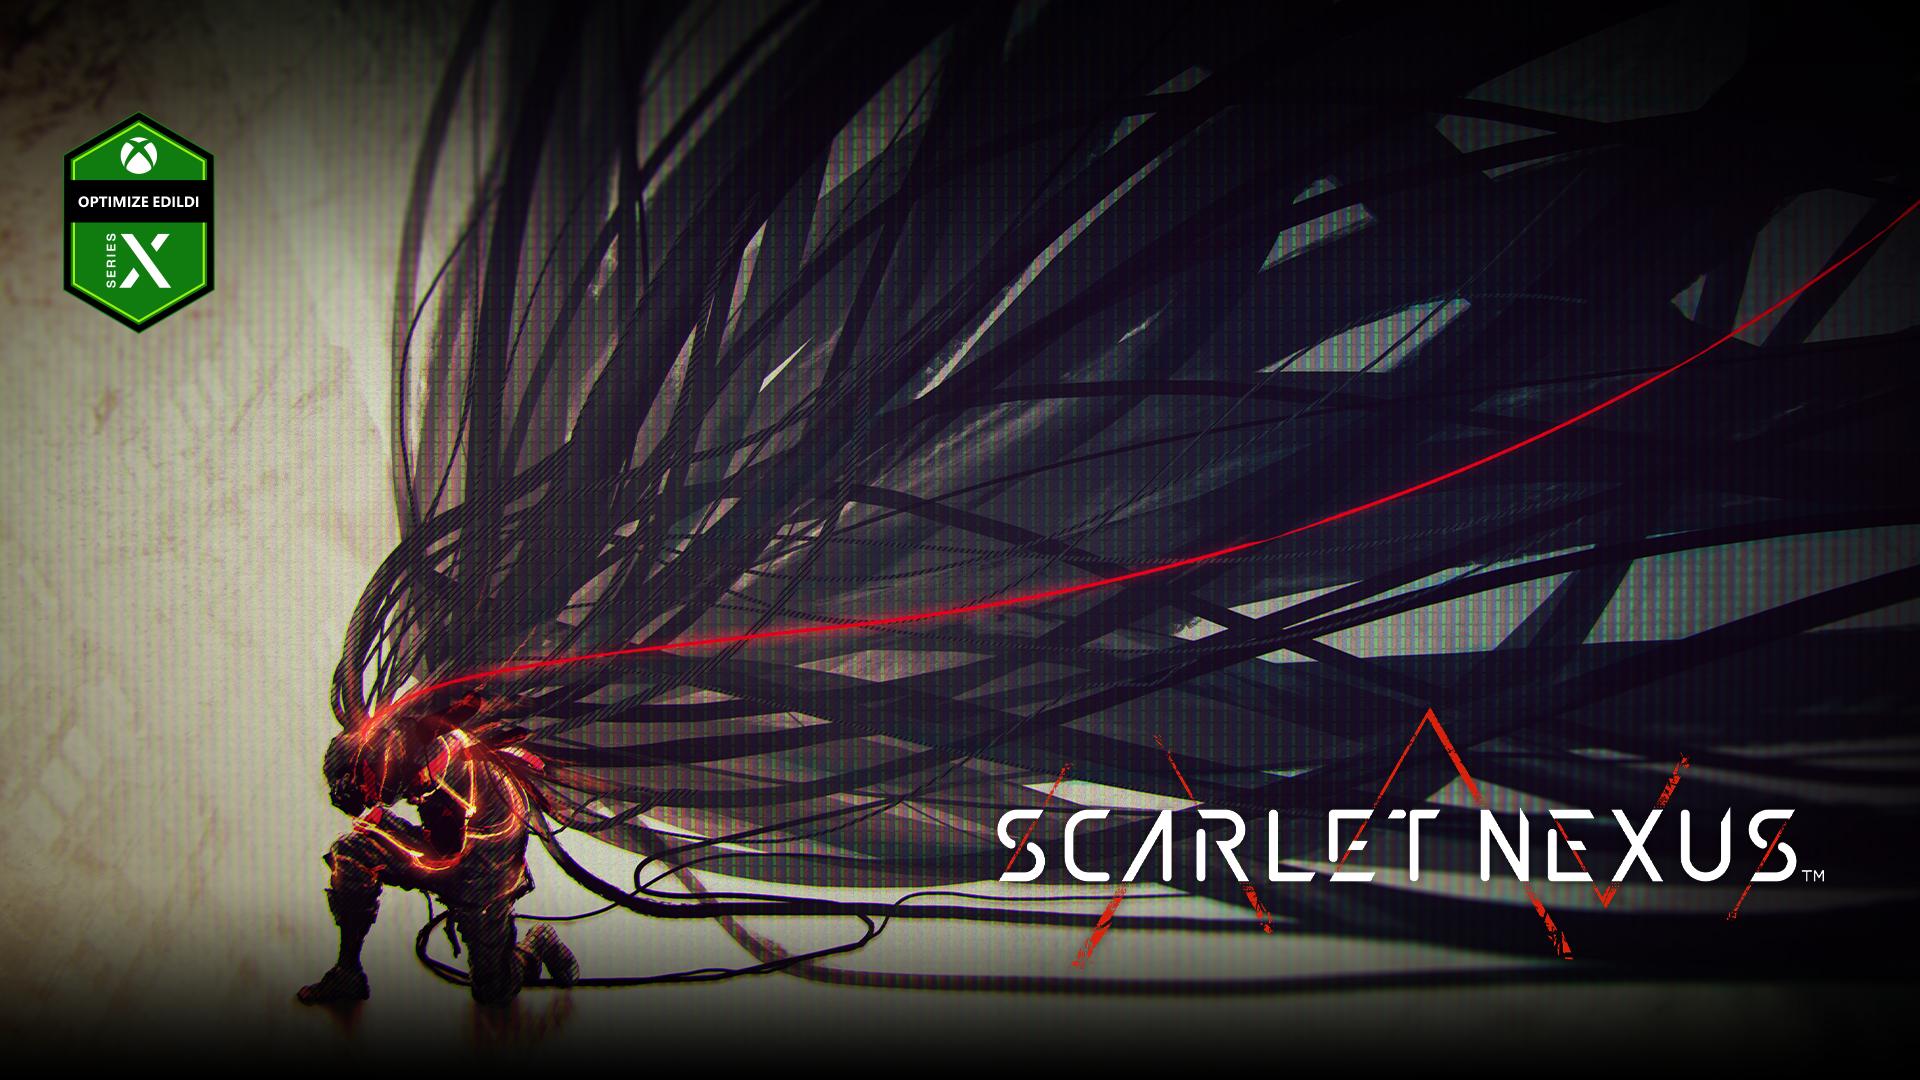 Scarlet Nexus, Xbox Series X için Optimize Edildi, Arkasında çok uzun bir saça benzeyen tellerin dalgalandığı bir adam diz çöküyor